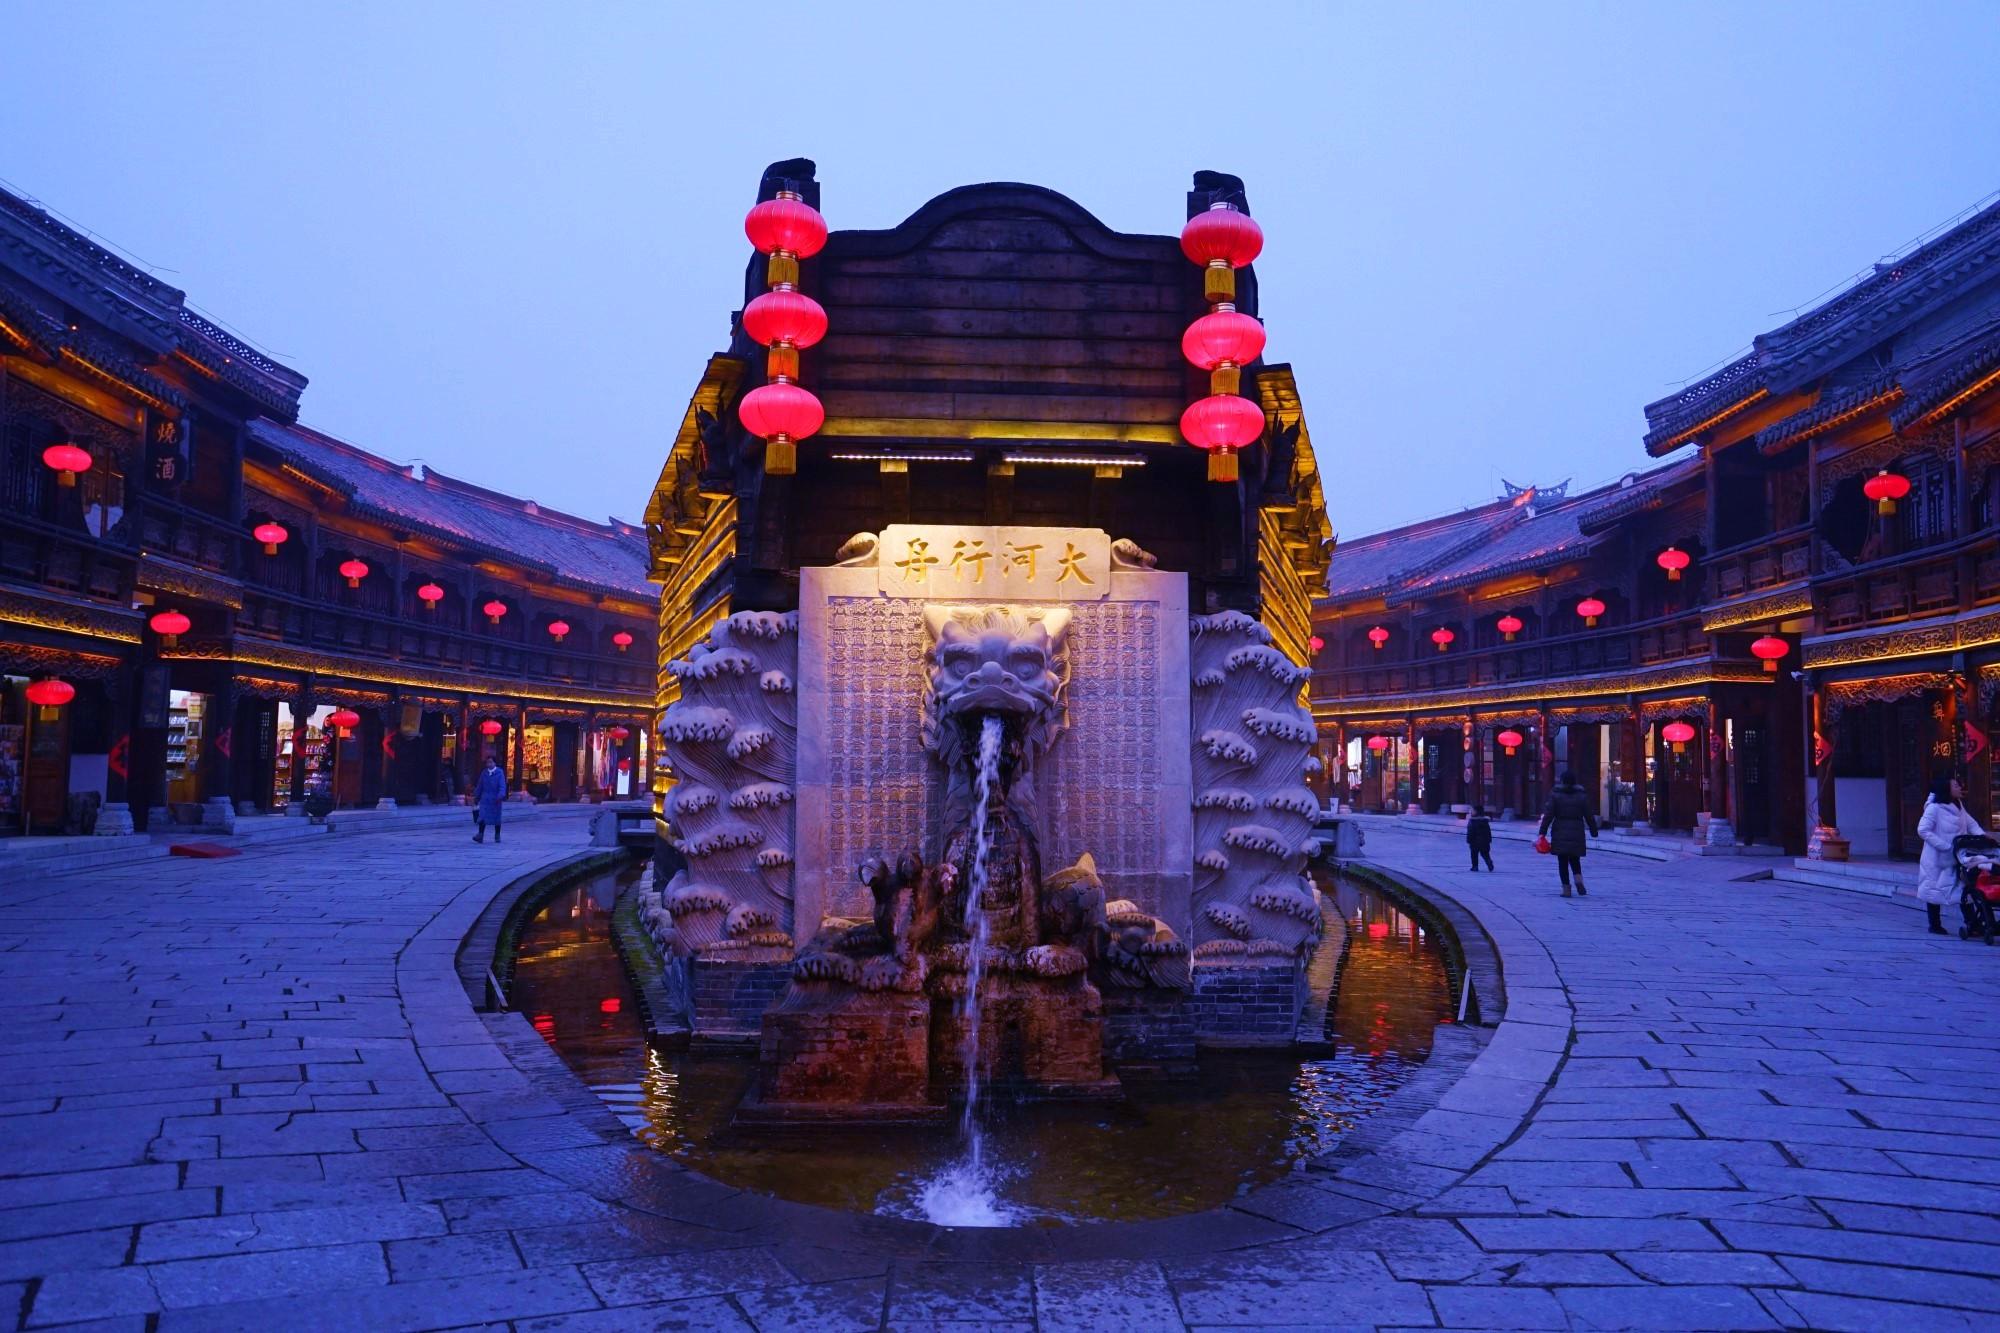 台儿庄庙会今年与往年就是不一样,不信你来看